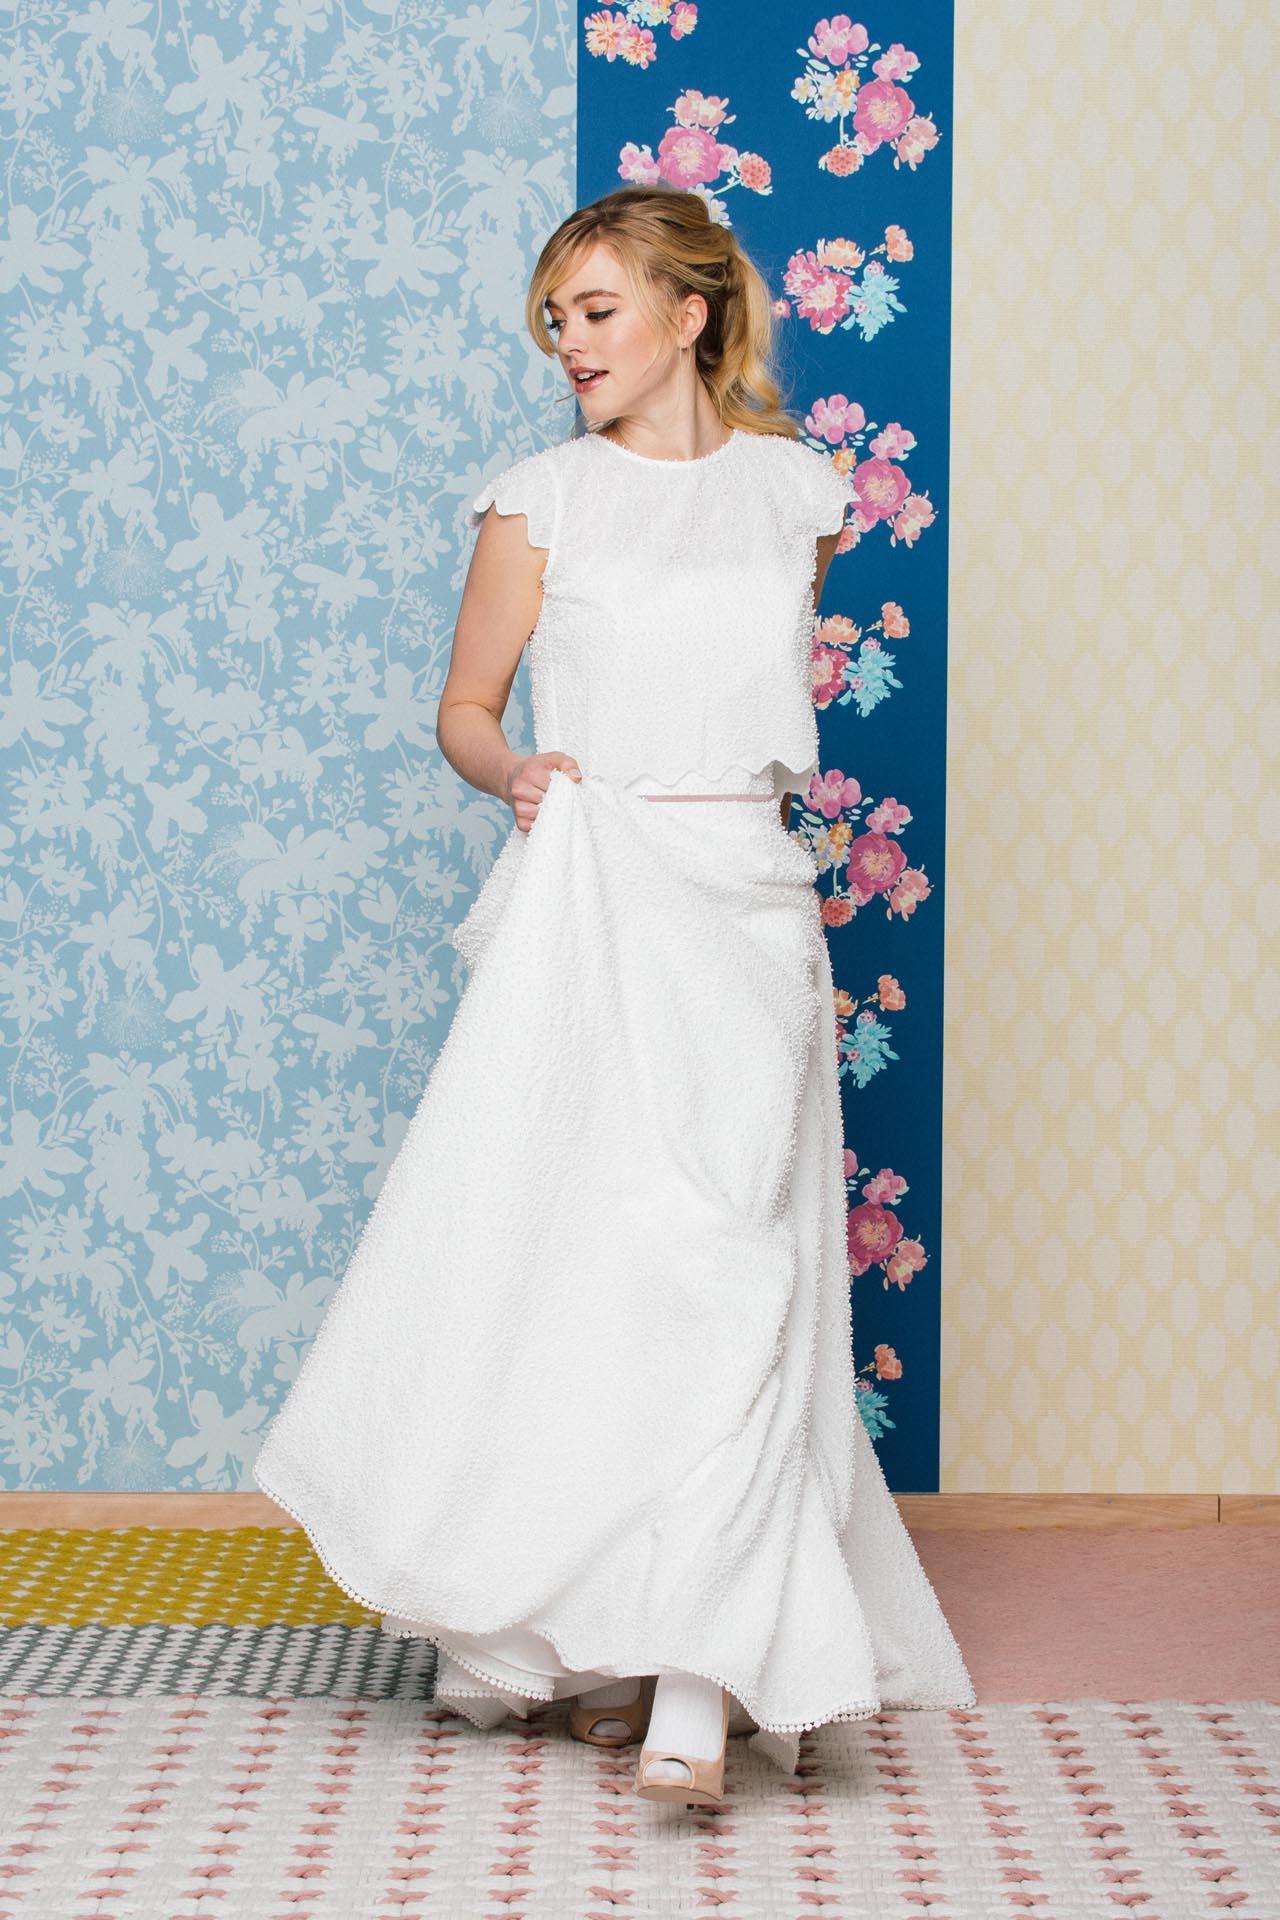 Trägerloses Hochzeitskleid mit besonderer Kügelchenspitze, Corsage ...